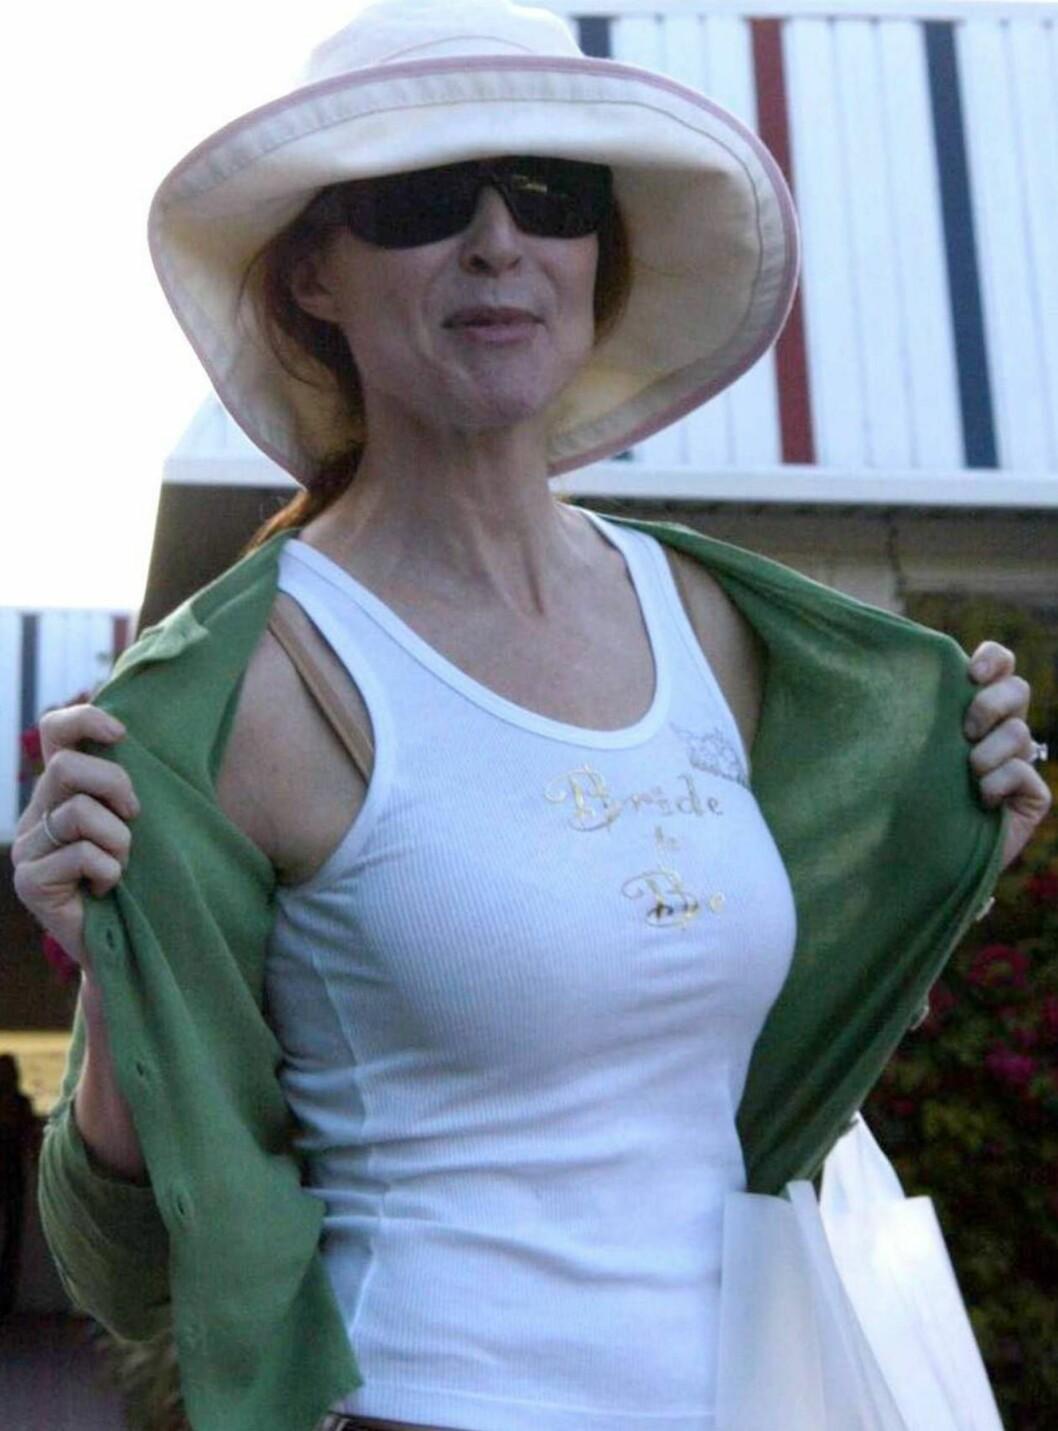 <strong>STOLT BRUD:</strong> Marcia ser ganske sliten ut - et kjent feomen fra utdrikningslag... Foto: All Over Press